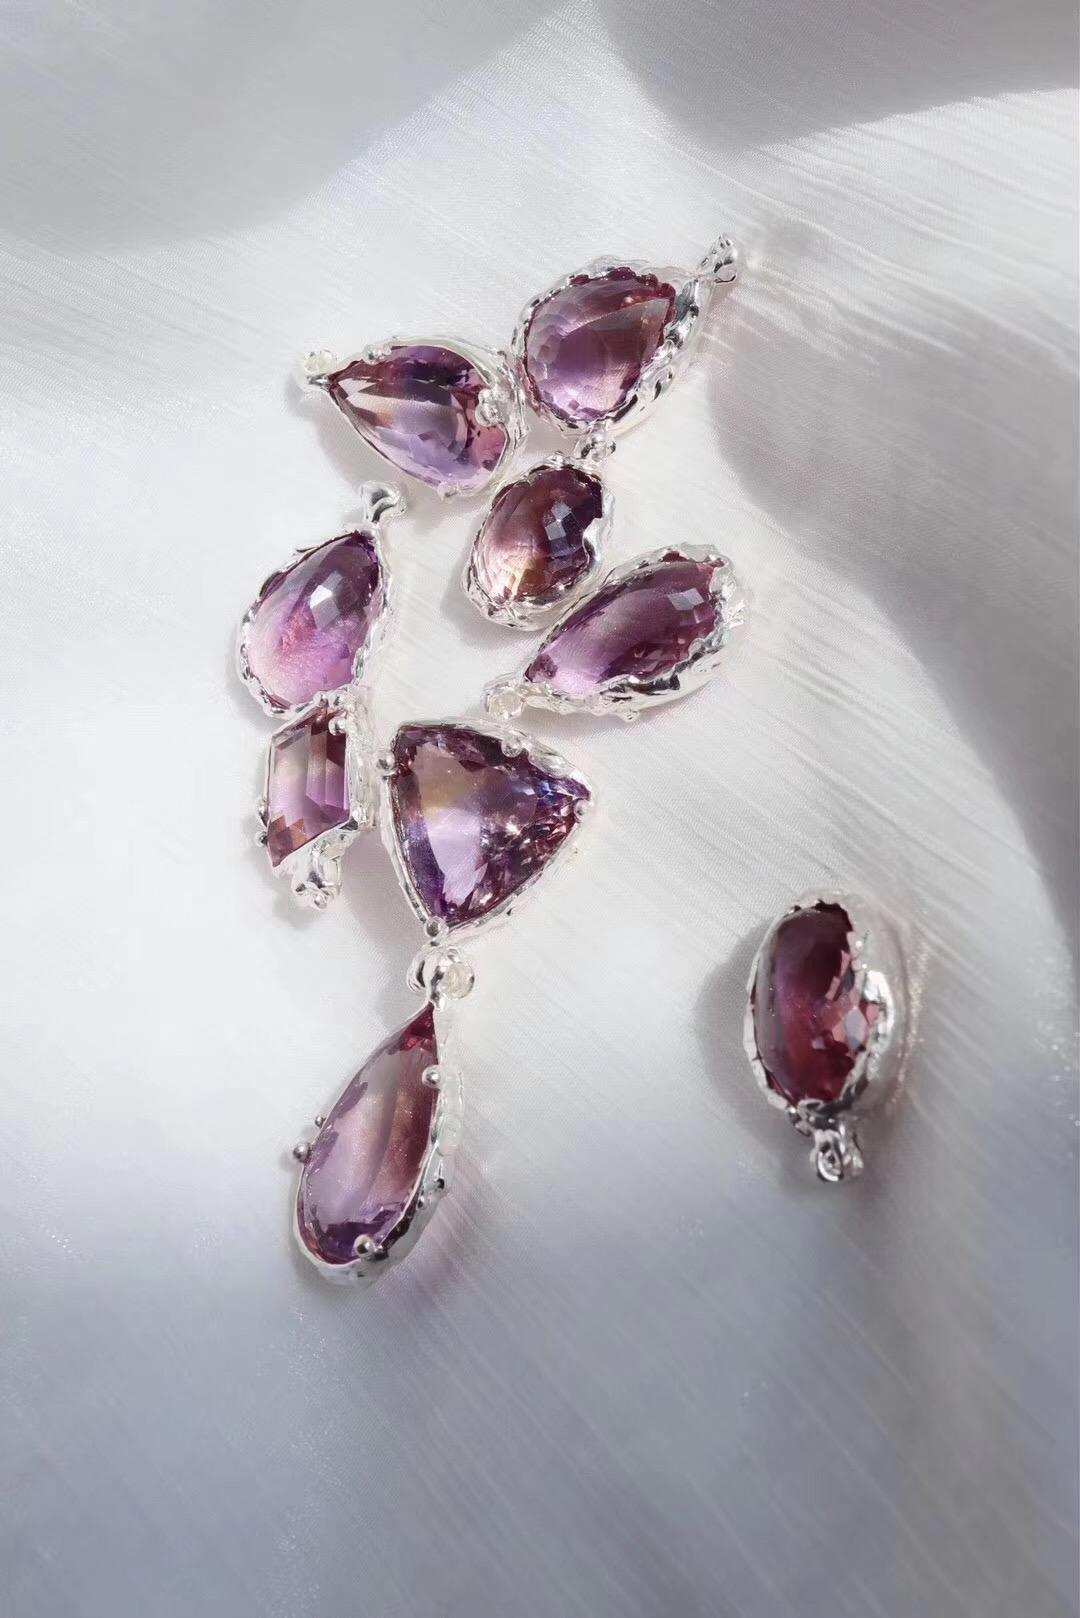 【紫黄晶】纯手工镶嵌360度旋转都完美的紫黄晶-菩心晶舍